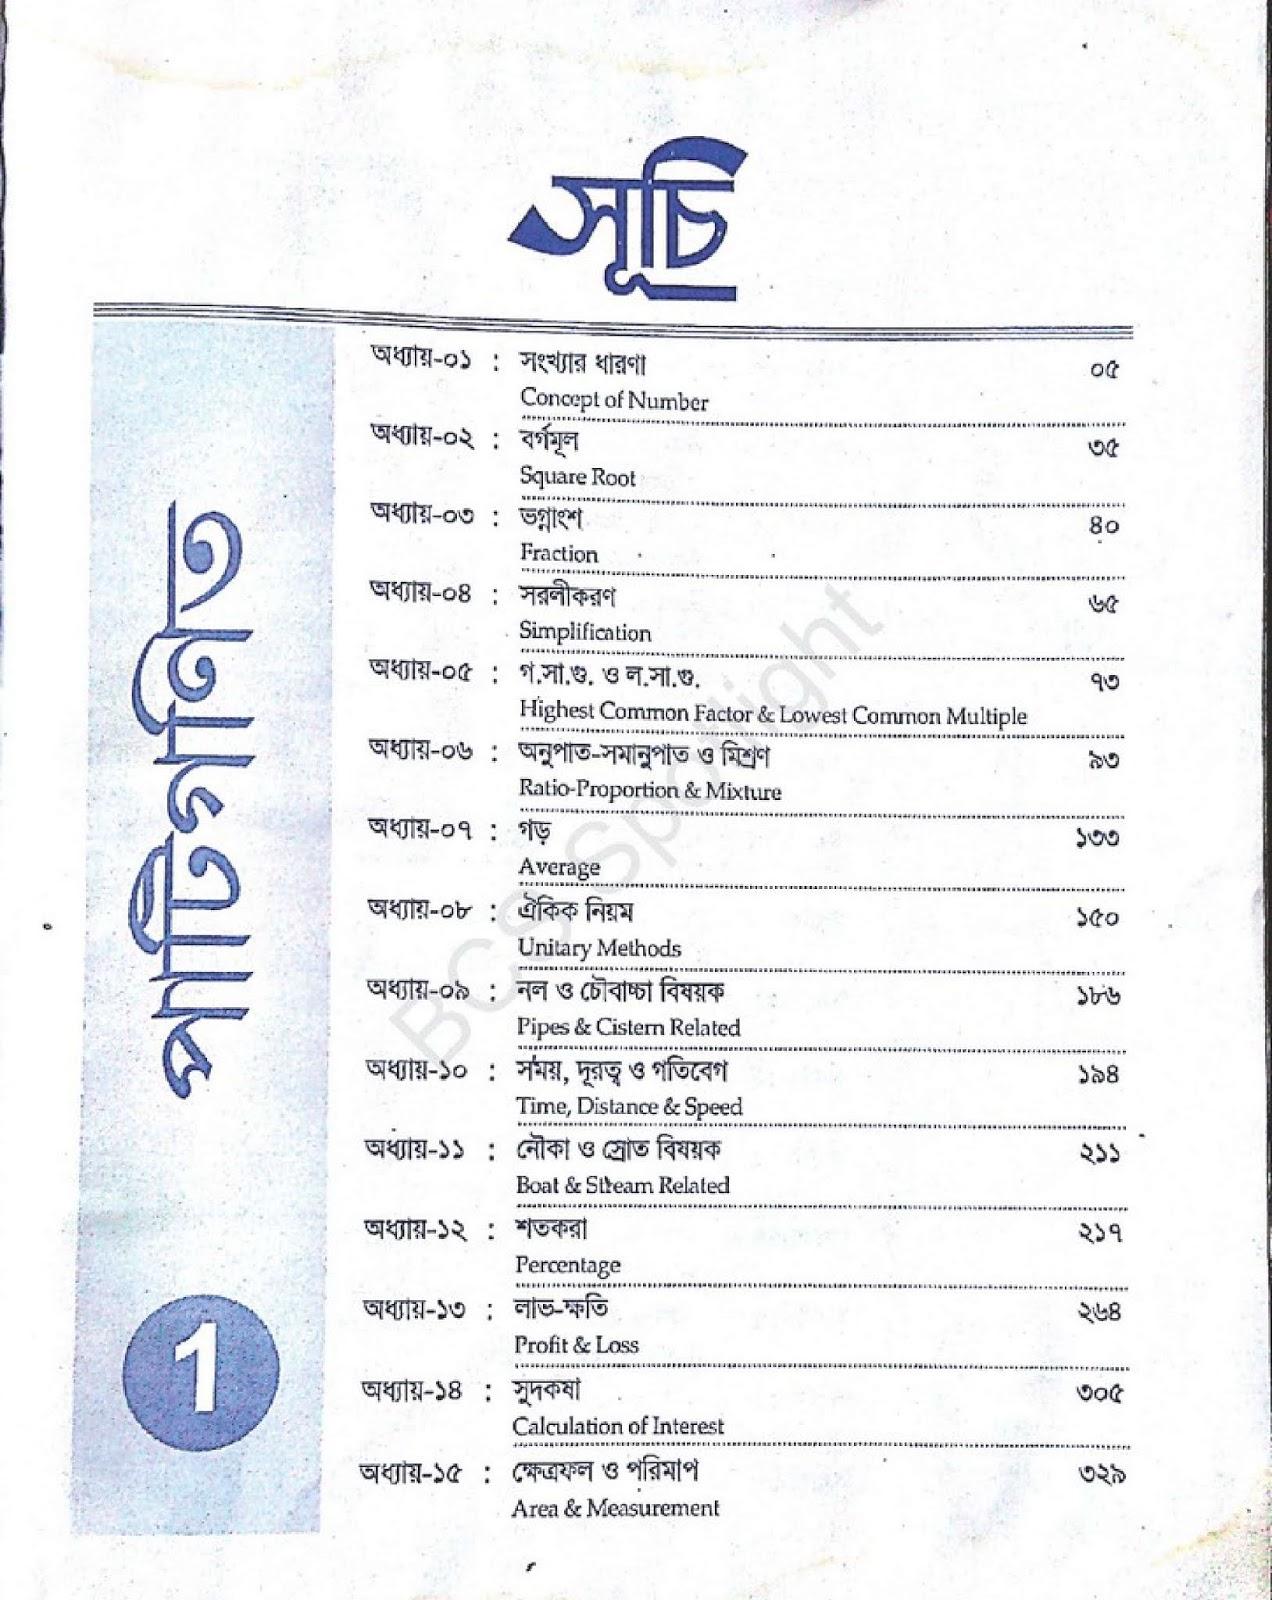 প্রফেসর গণিত স্পেশাল pdf Free Download |প্রফেসর সিরিজের বই pdf | প্রফেসর প্রকাশনী pdf |প্রফেসরস pdf